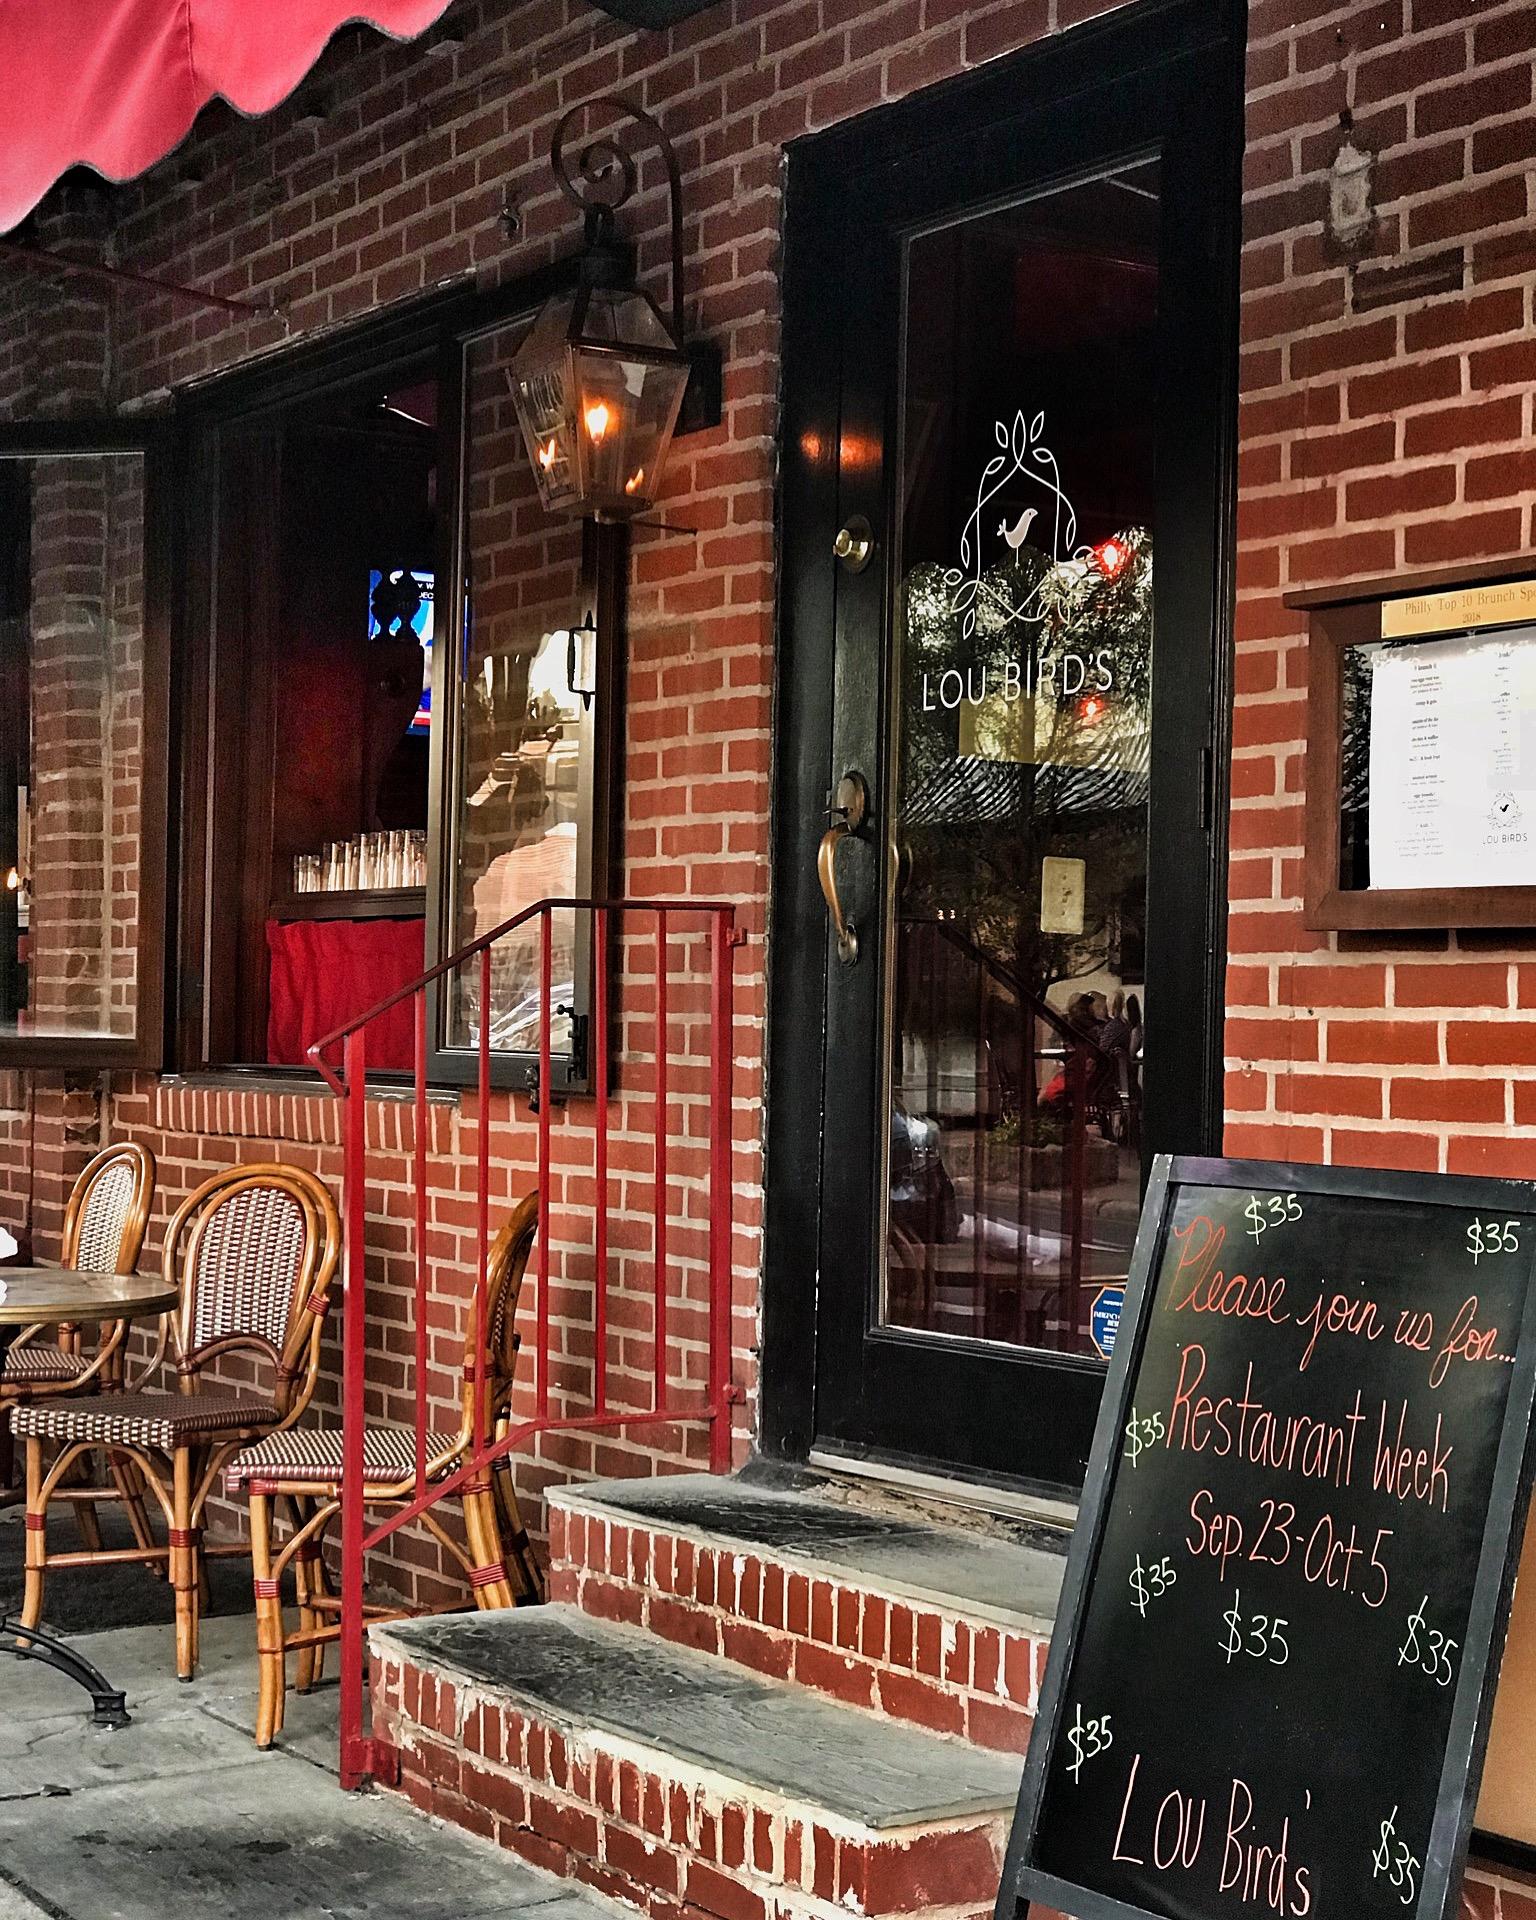 Lou Bird's Philadelphia restaurant front entrance on Lombard St. IMG_5397.JPG